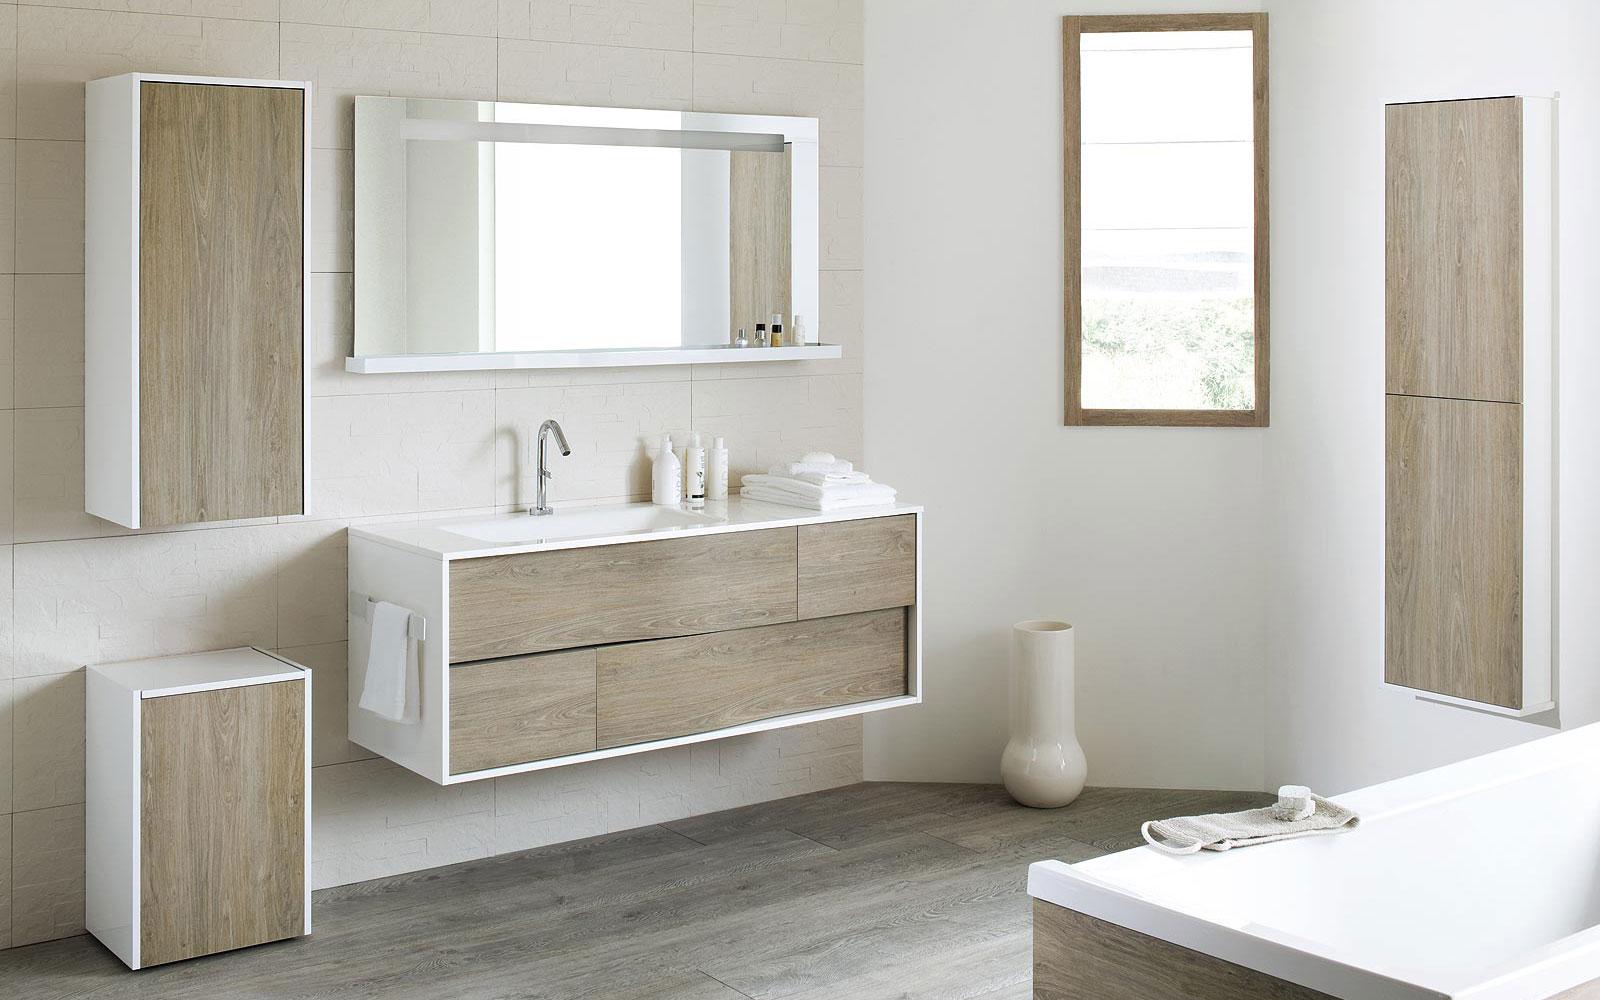 Les nouveaux volumes dans la salle de bain a5 nf c 15 100 for Prix d une salle de bain